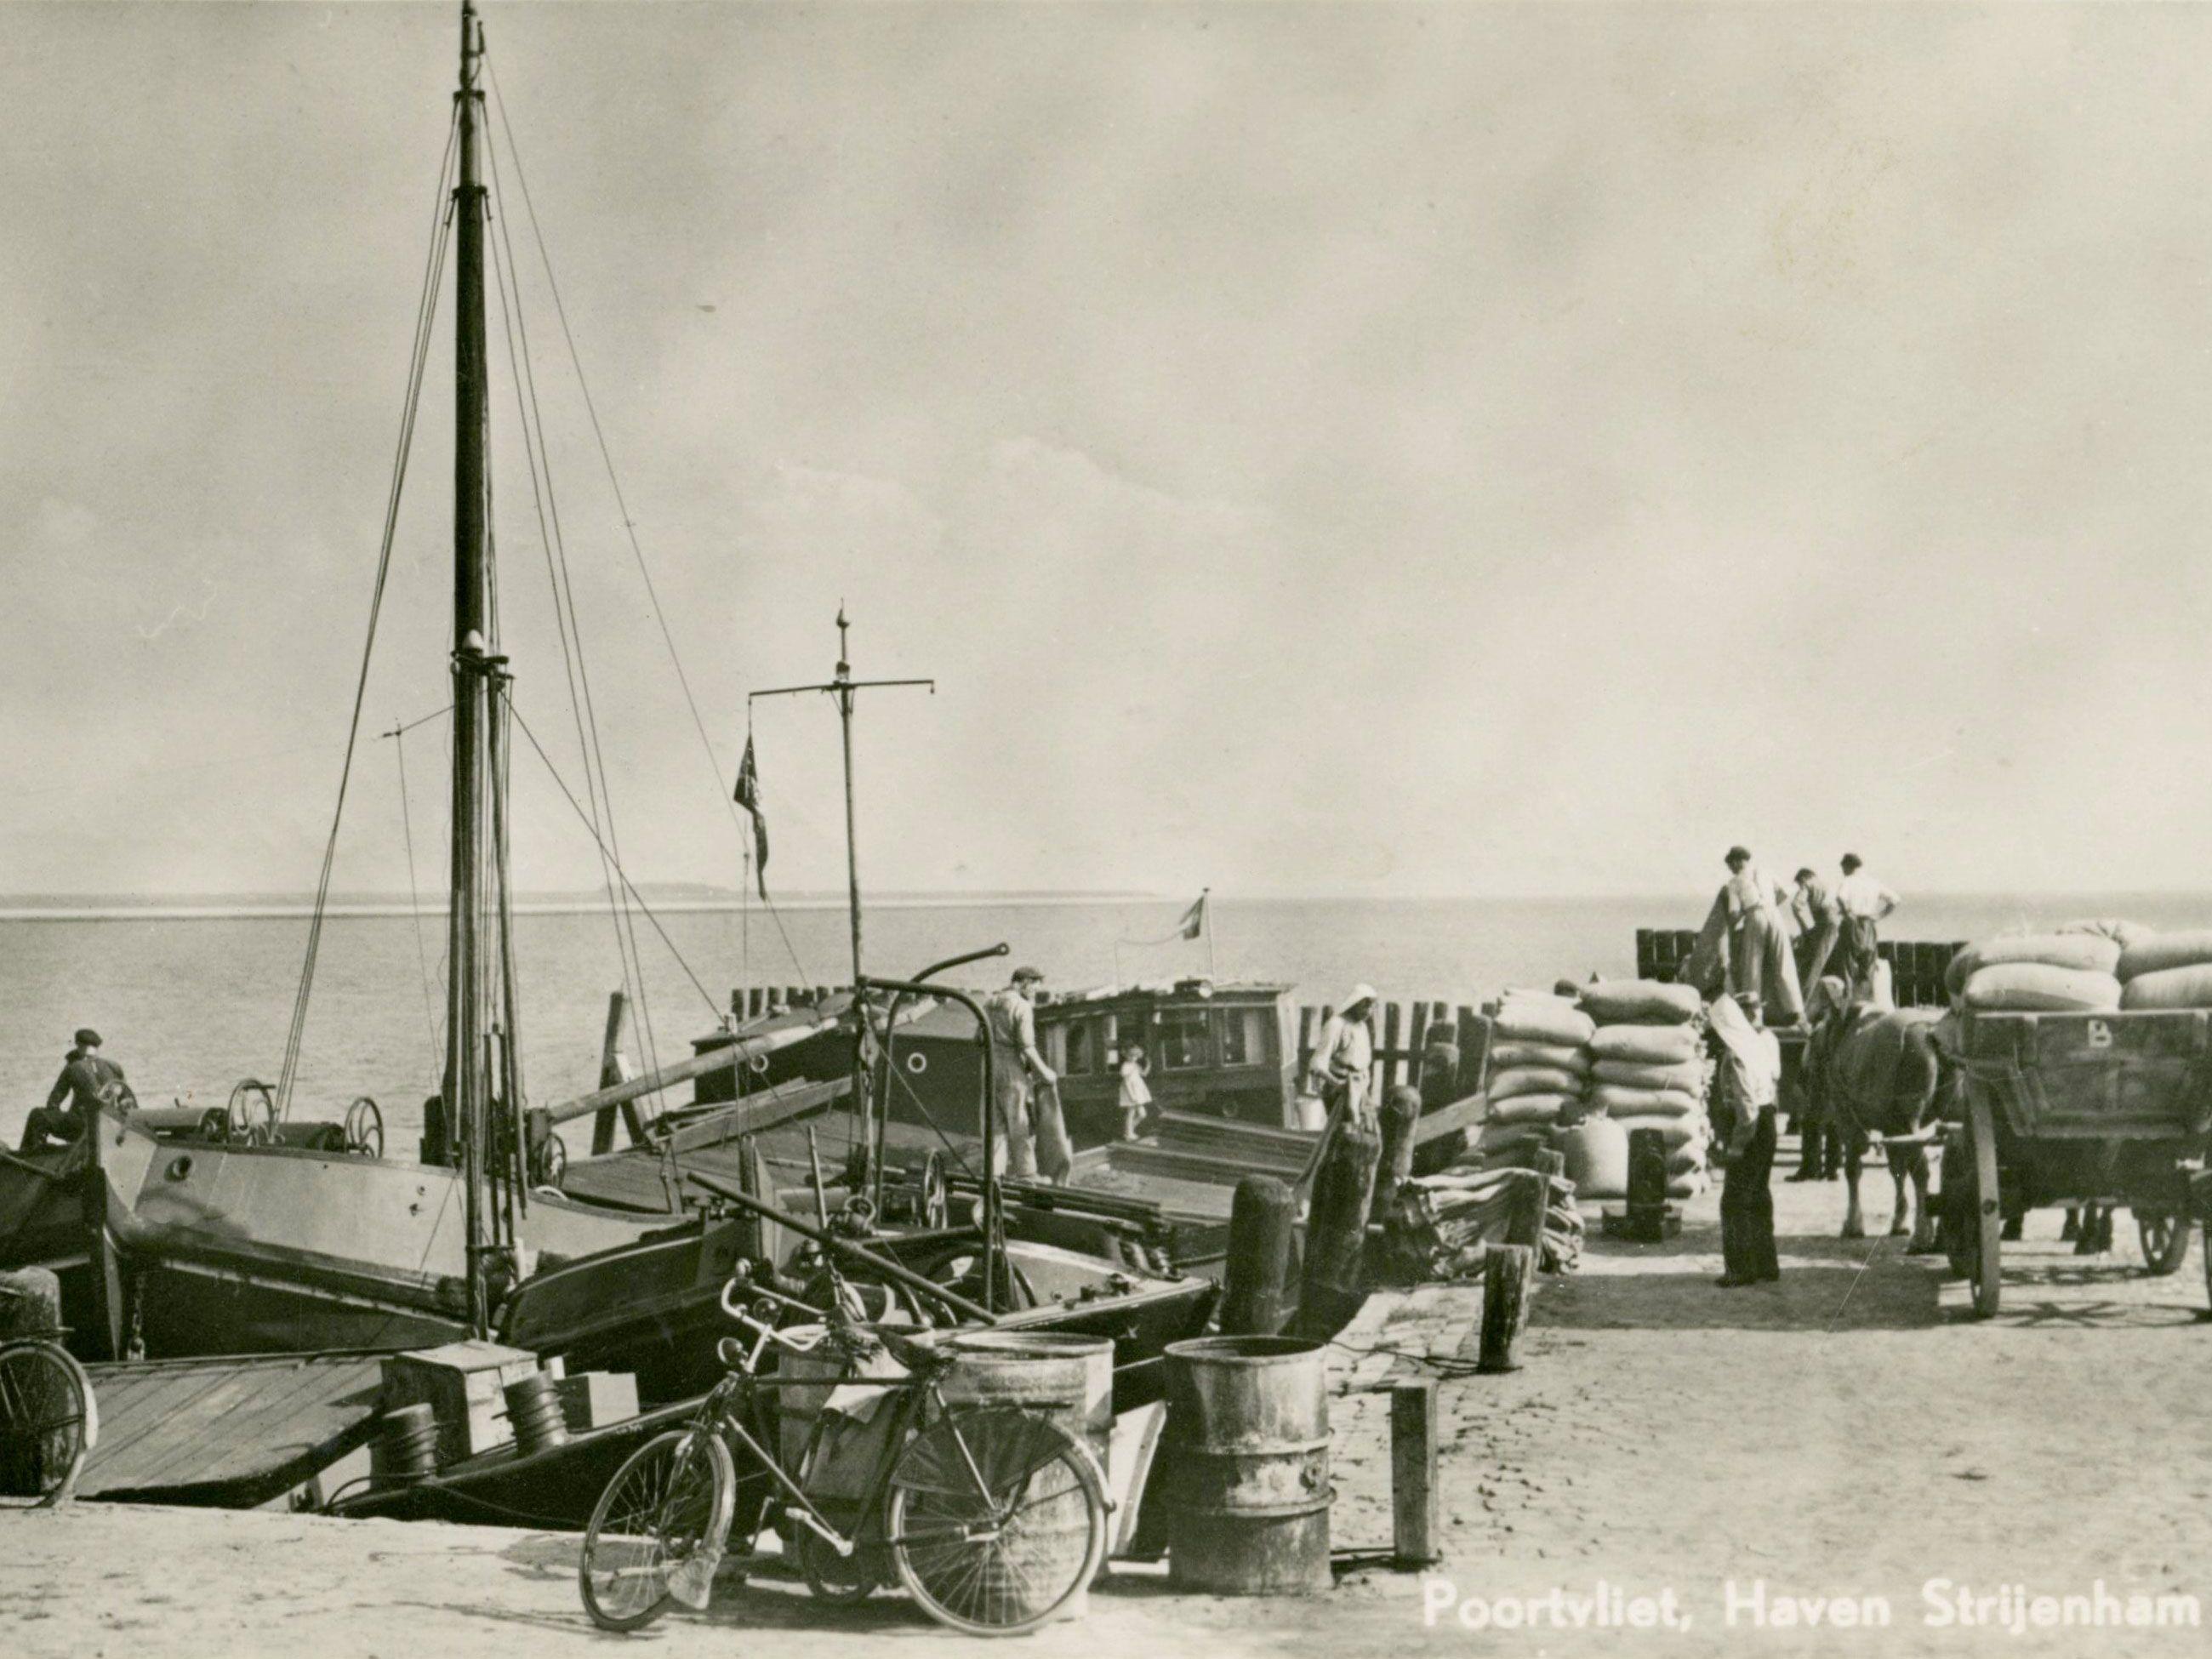 De haven van Strijenham, circa 1940 (Gemeentearchief Tholen)